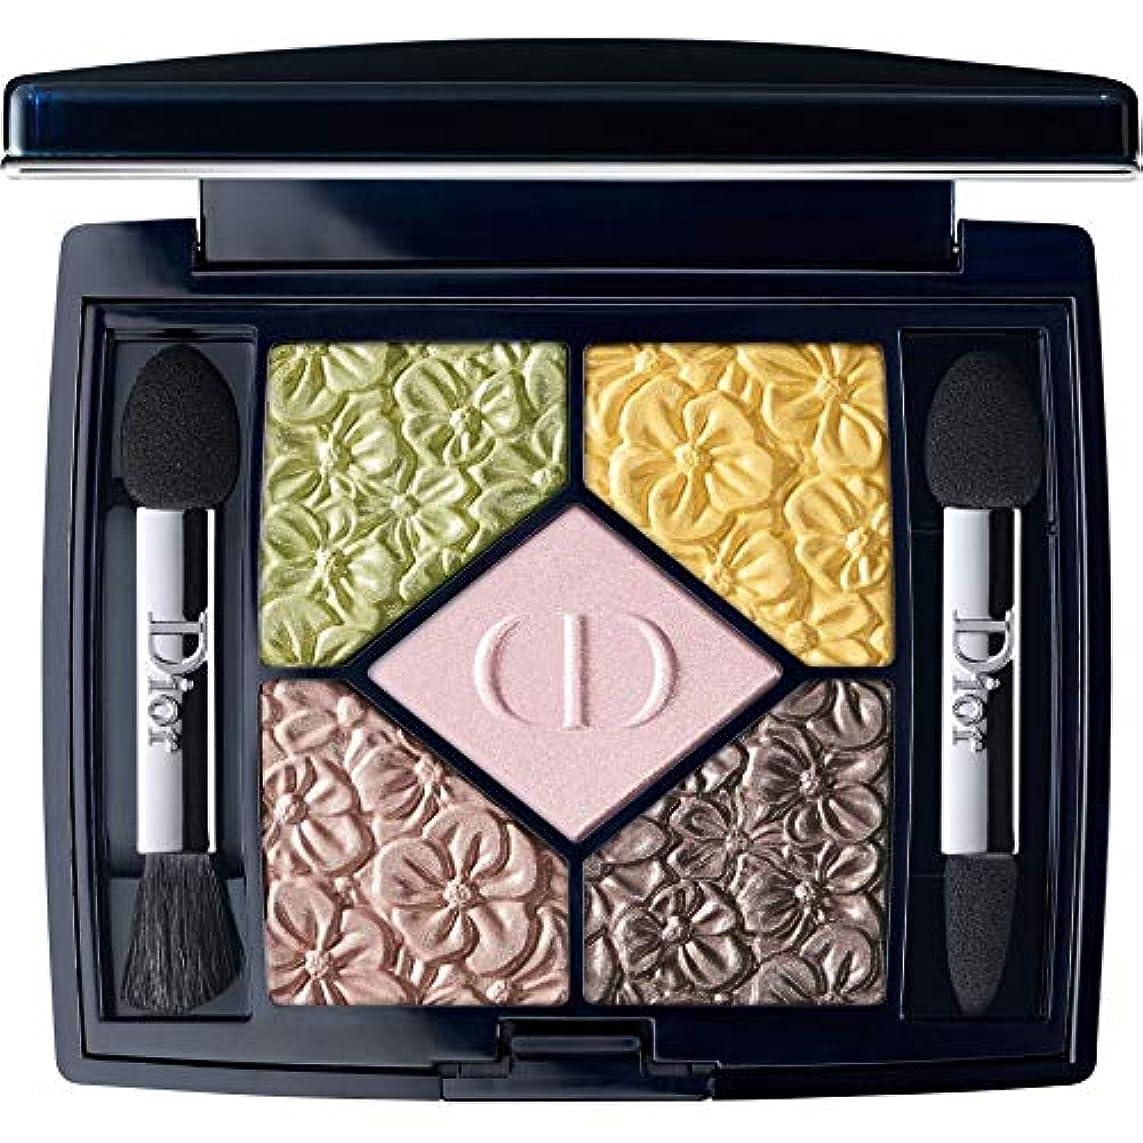 恩恵信仰風変わりな[Dior ] ディオールの庭園版クチュールカラー&エフェクトアイシャドウパレット4.5グラム451を輝く5 Couleursは - バラ園 - DIOR 5 Couleurs Glowing Gardens Edition...